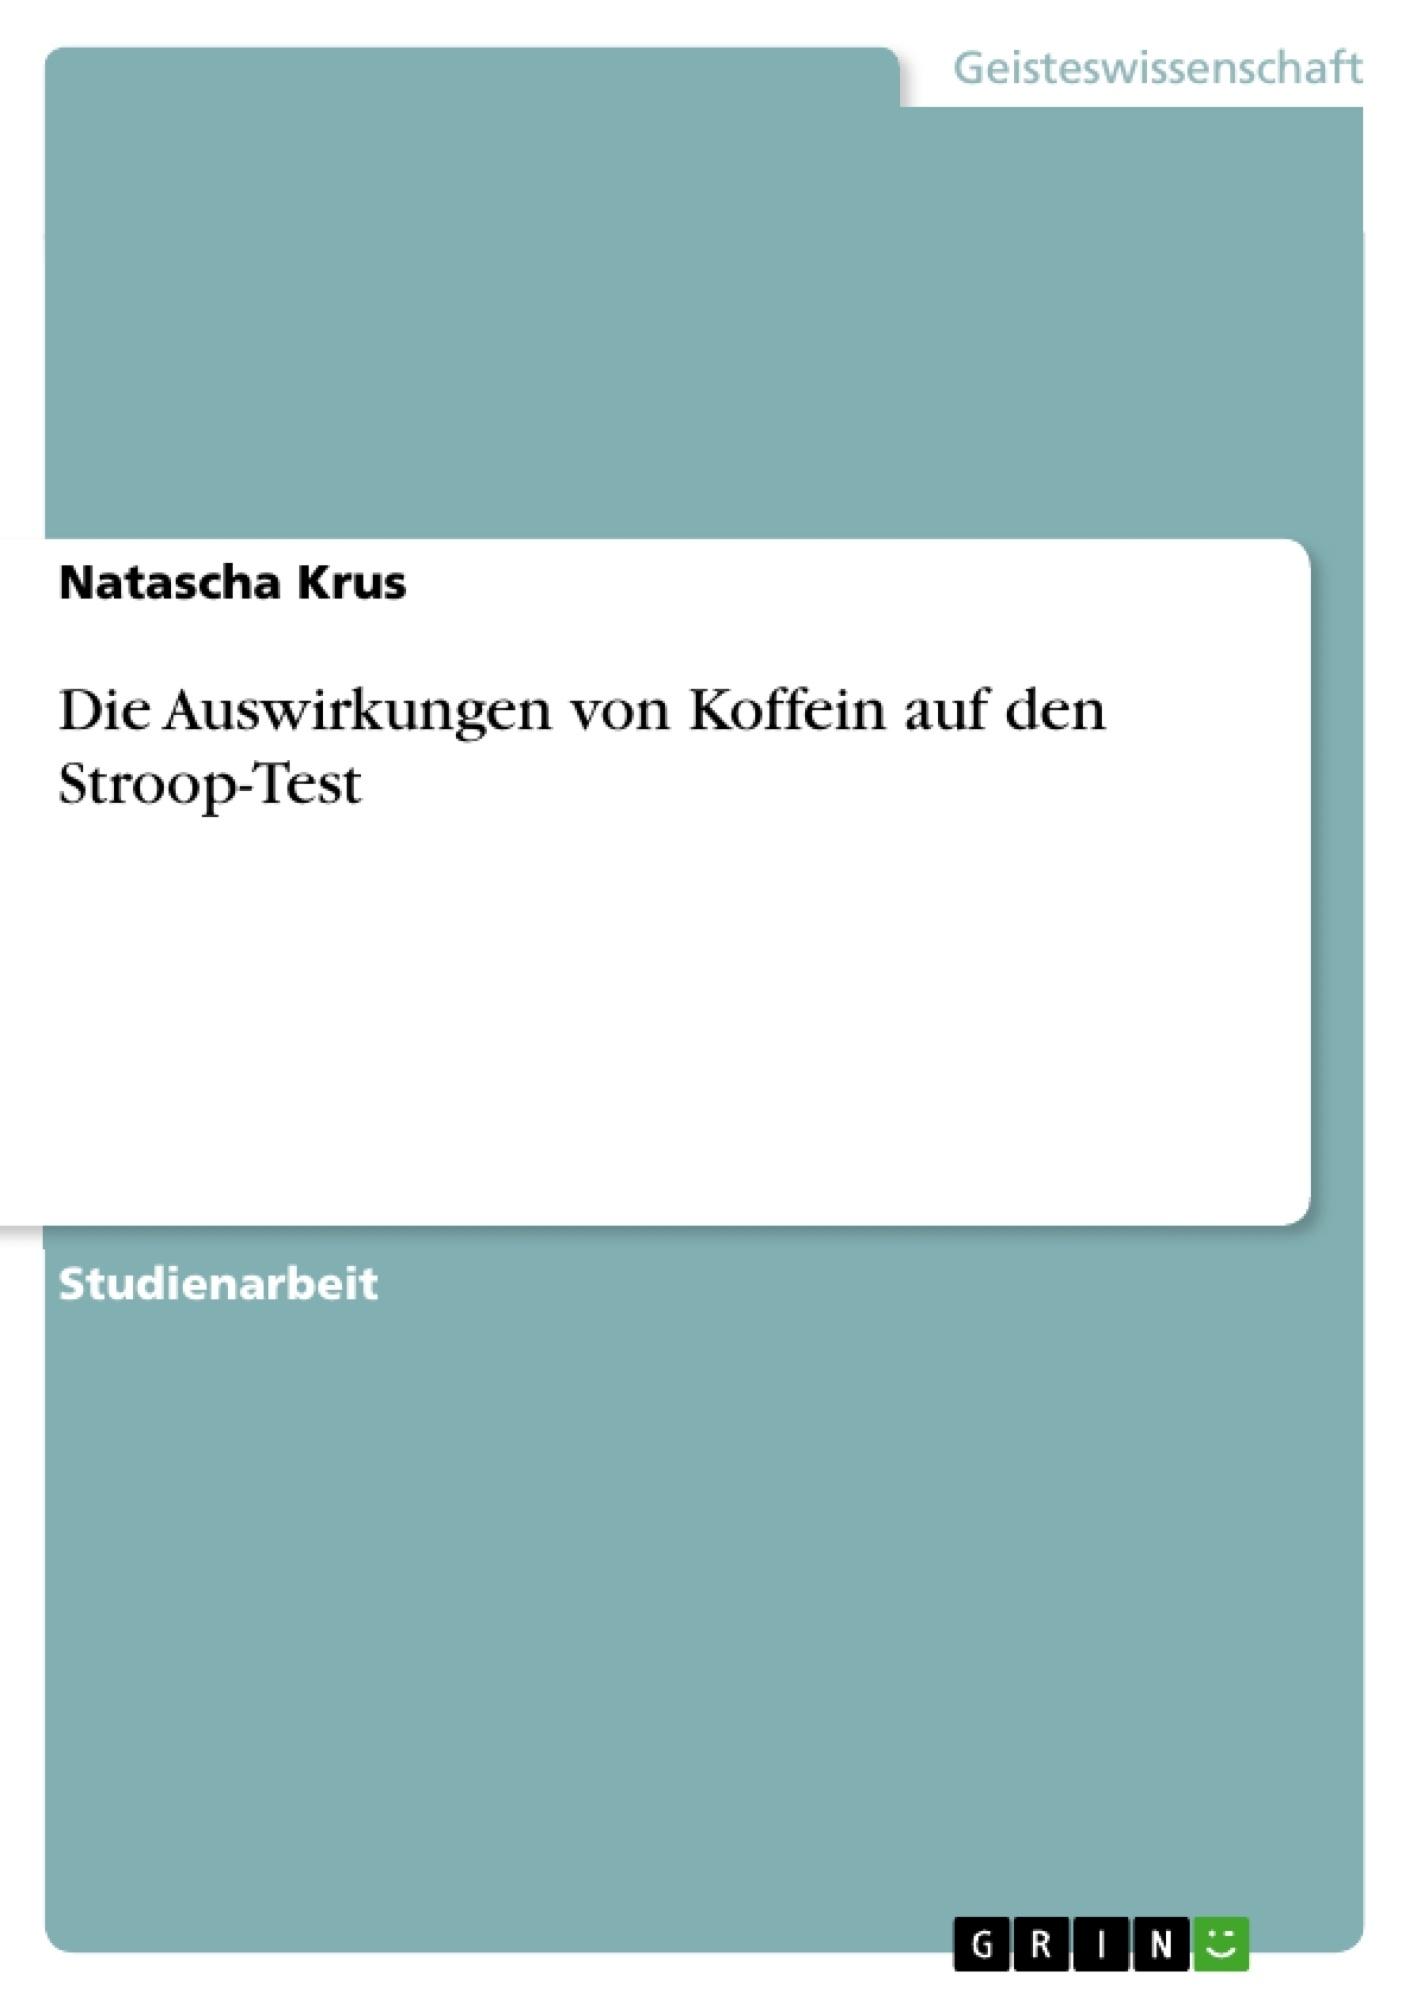 Titel: Die Auswirkungen von Koffein auf den Stroop-Test